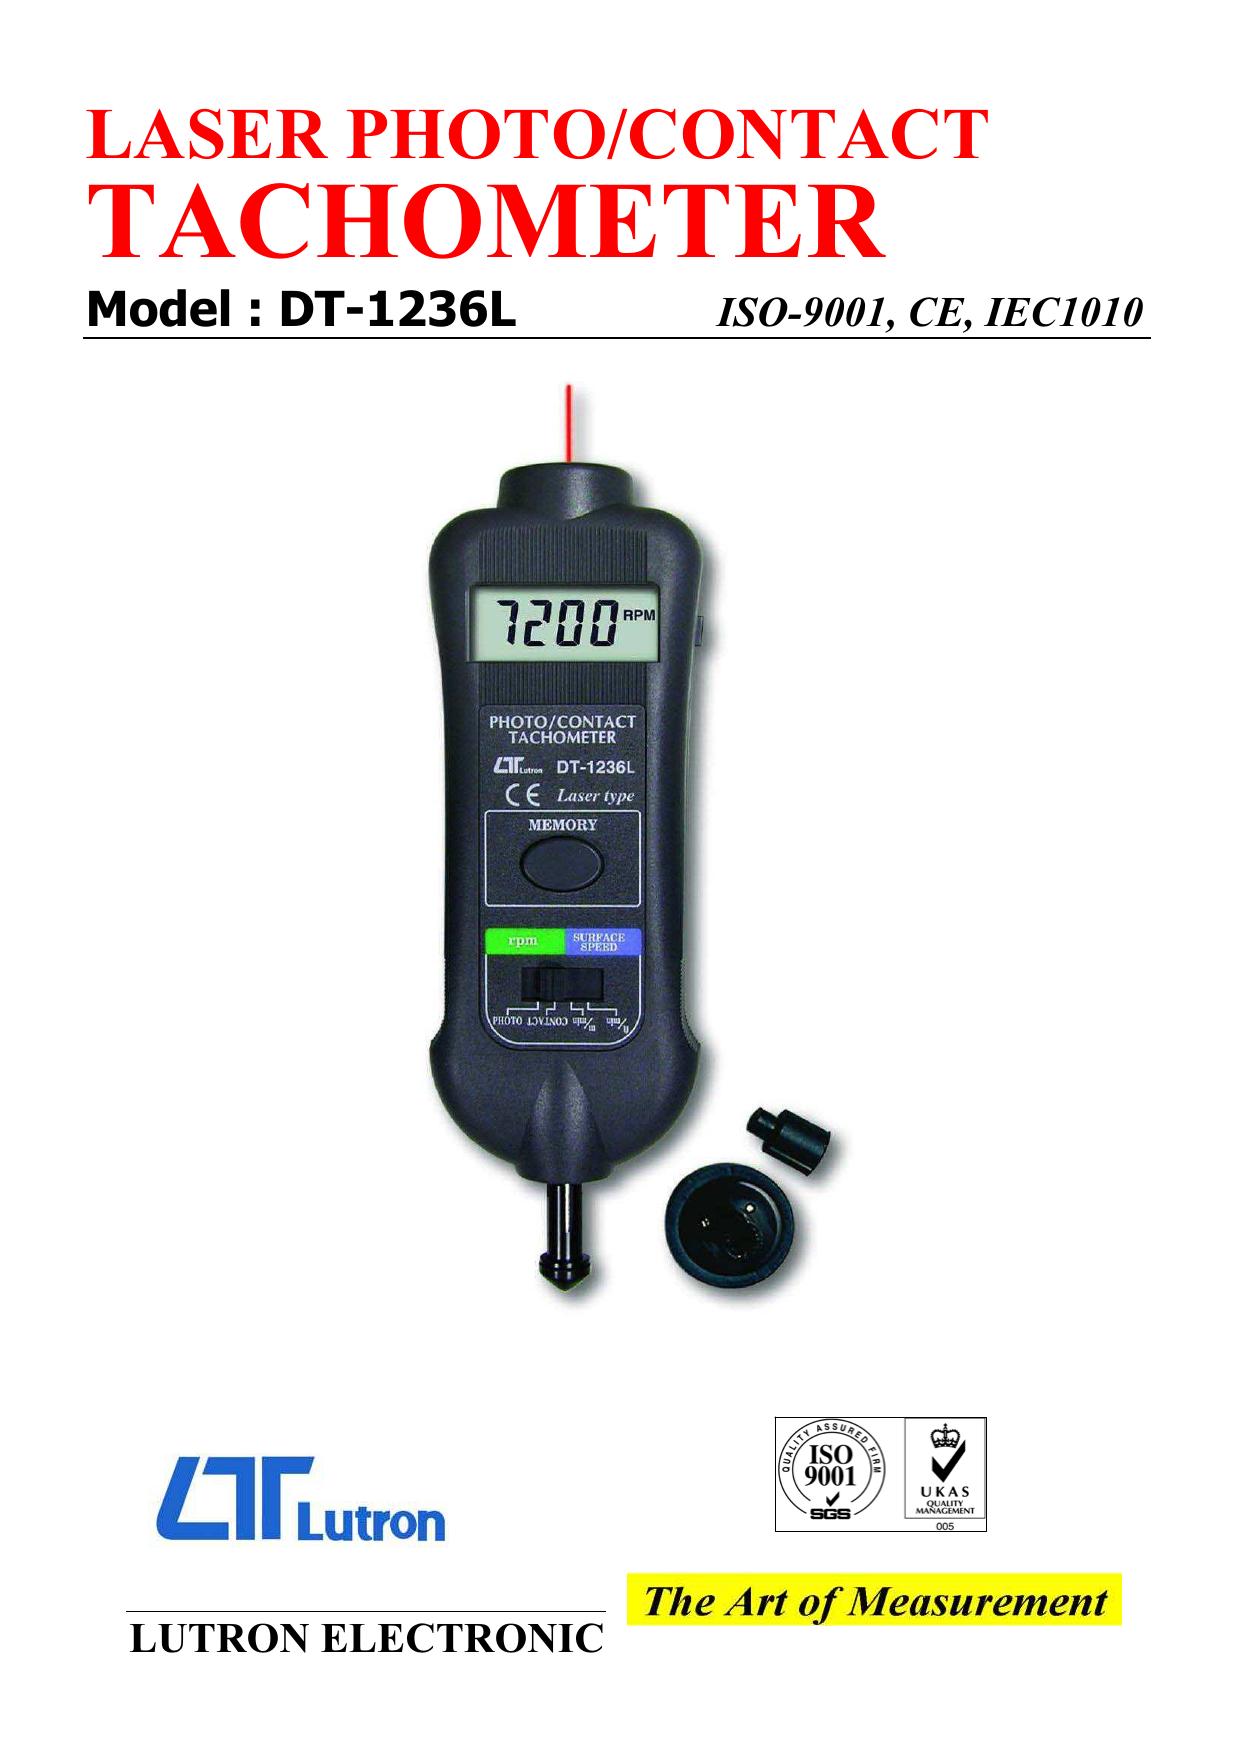 Tachometer Lutron DT1236L